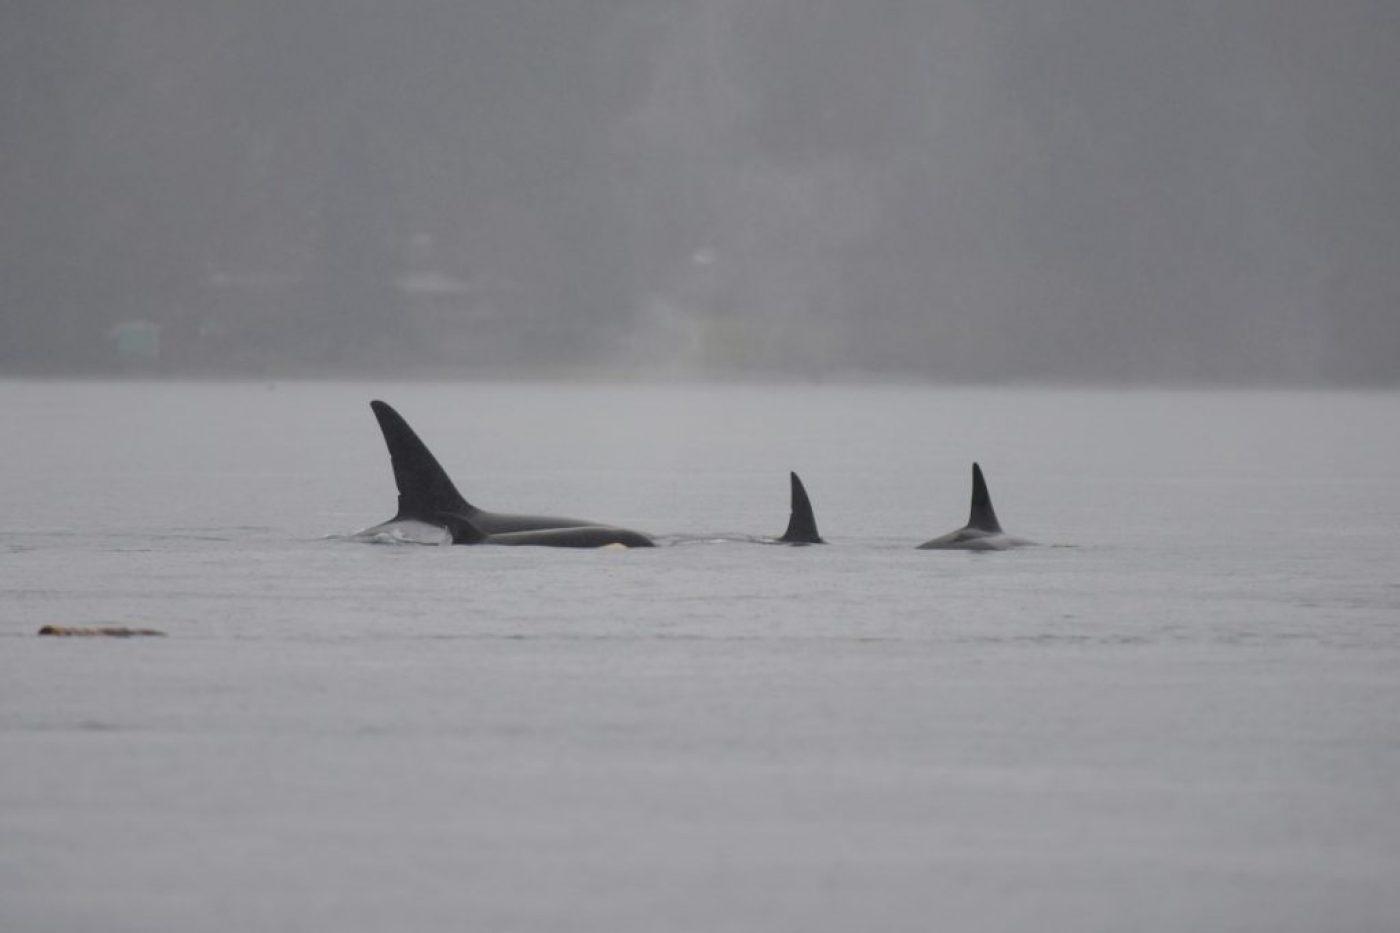 Orcas again via Mike Charest